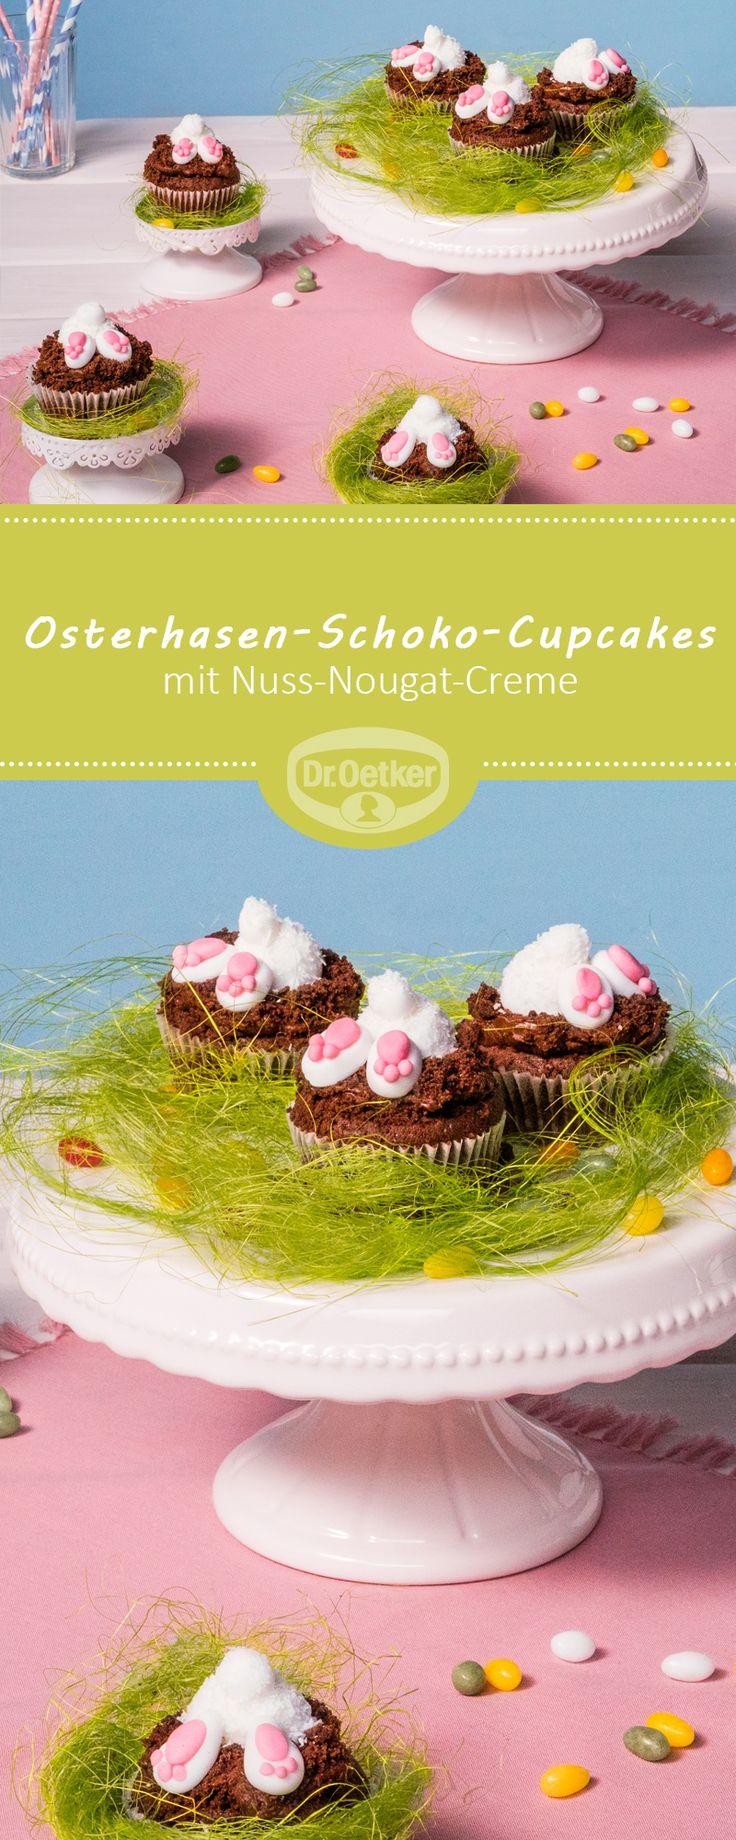 Osterhasen-Schoko-Cupcakes